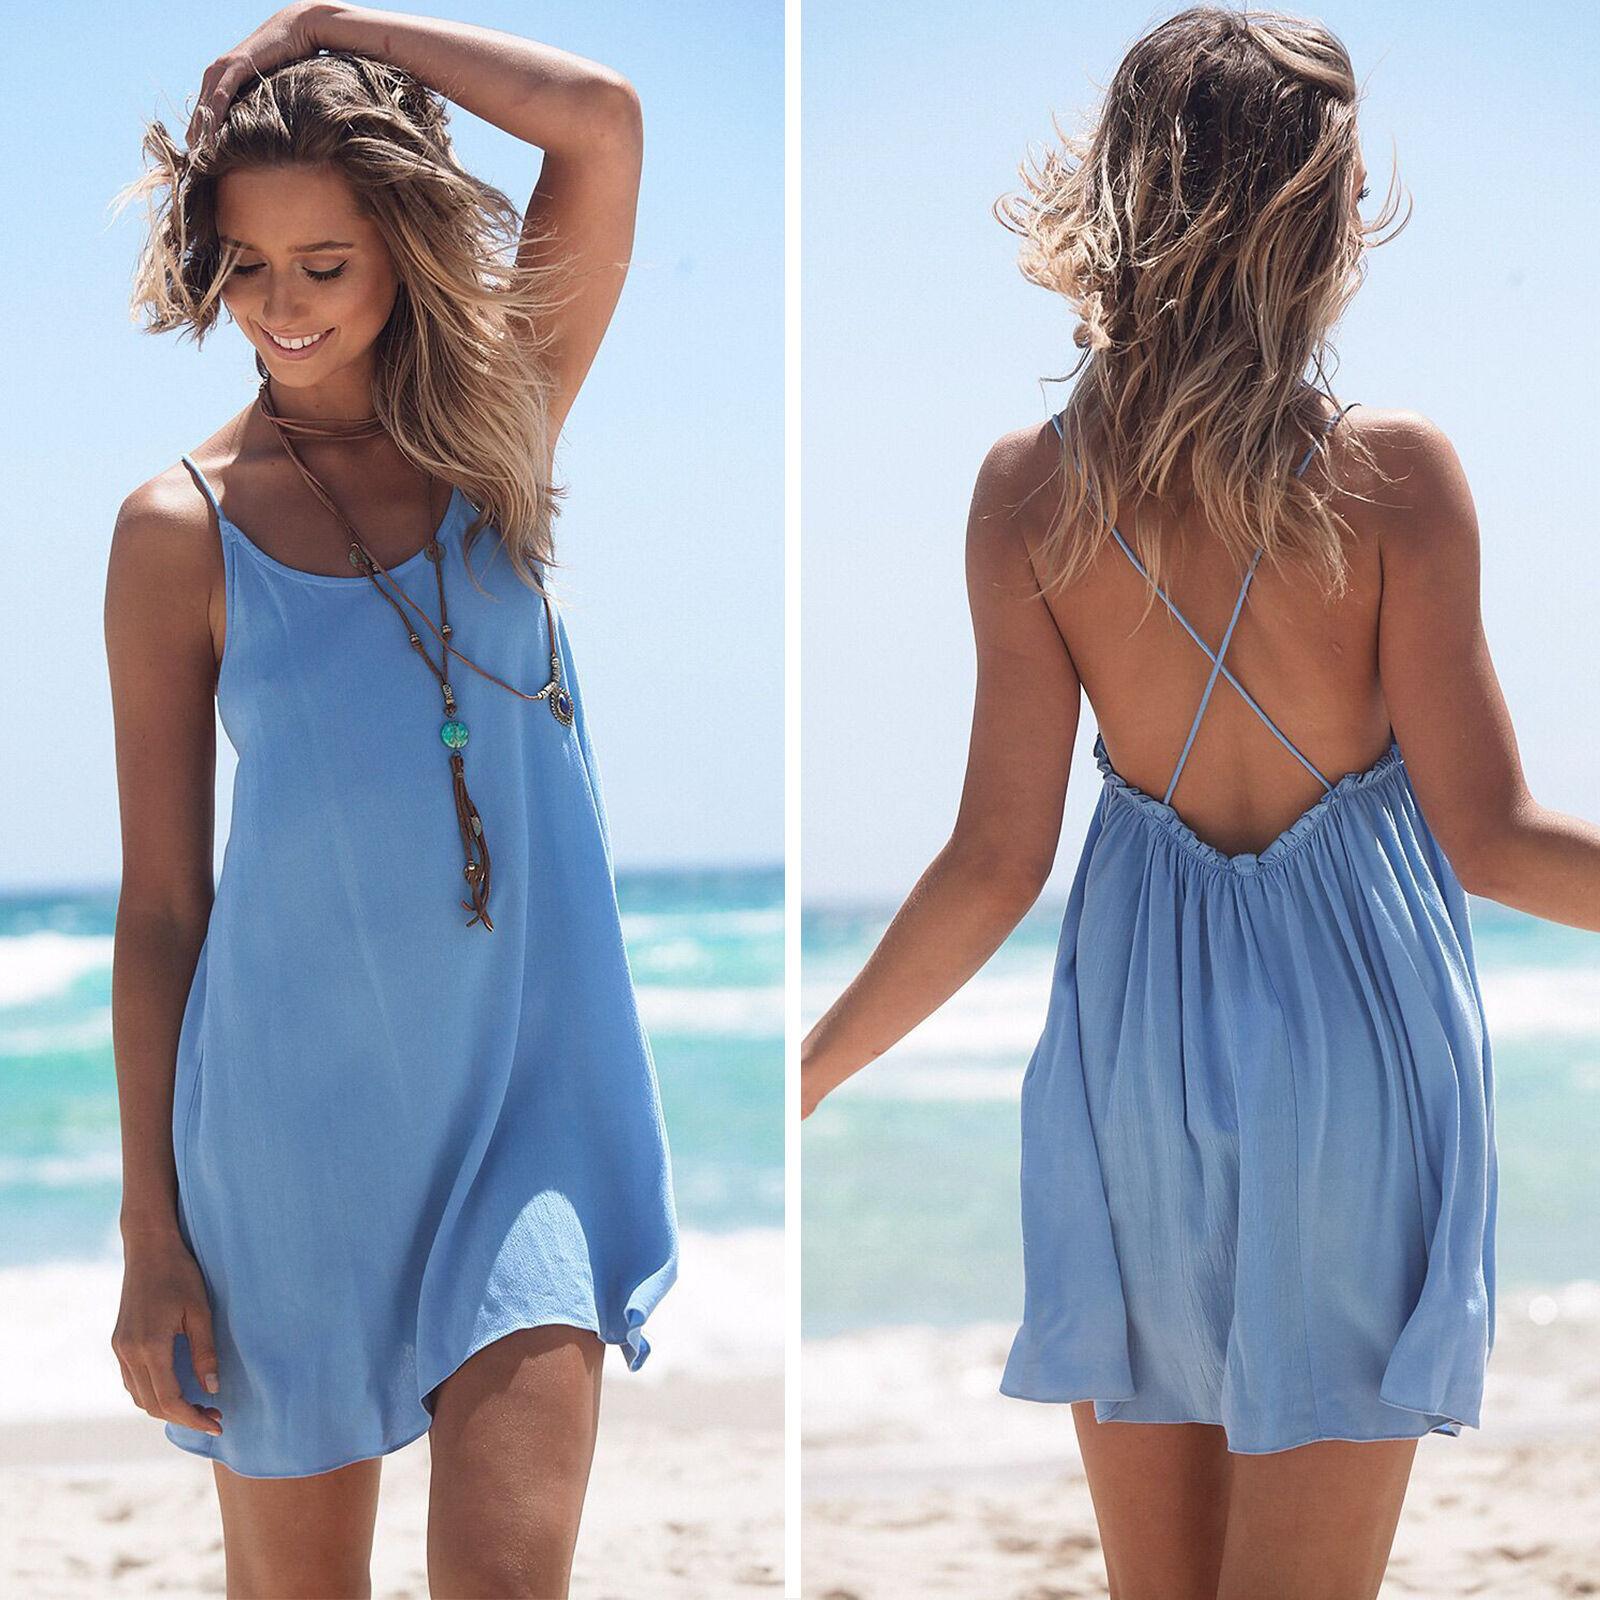 великие одежда на пляжную вечеринку фото предоставленная сайте